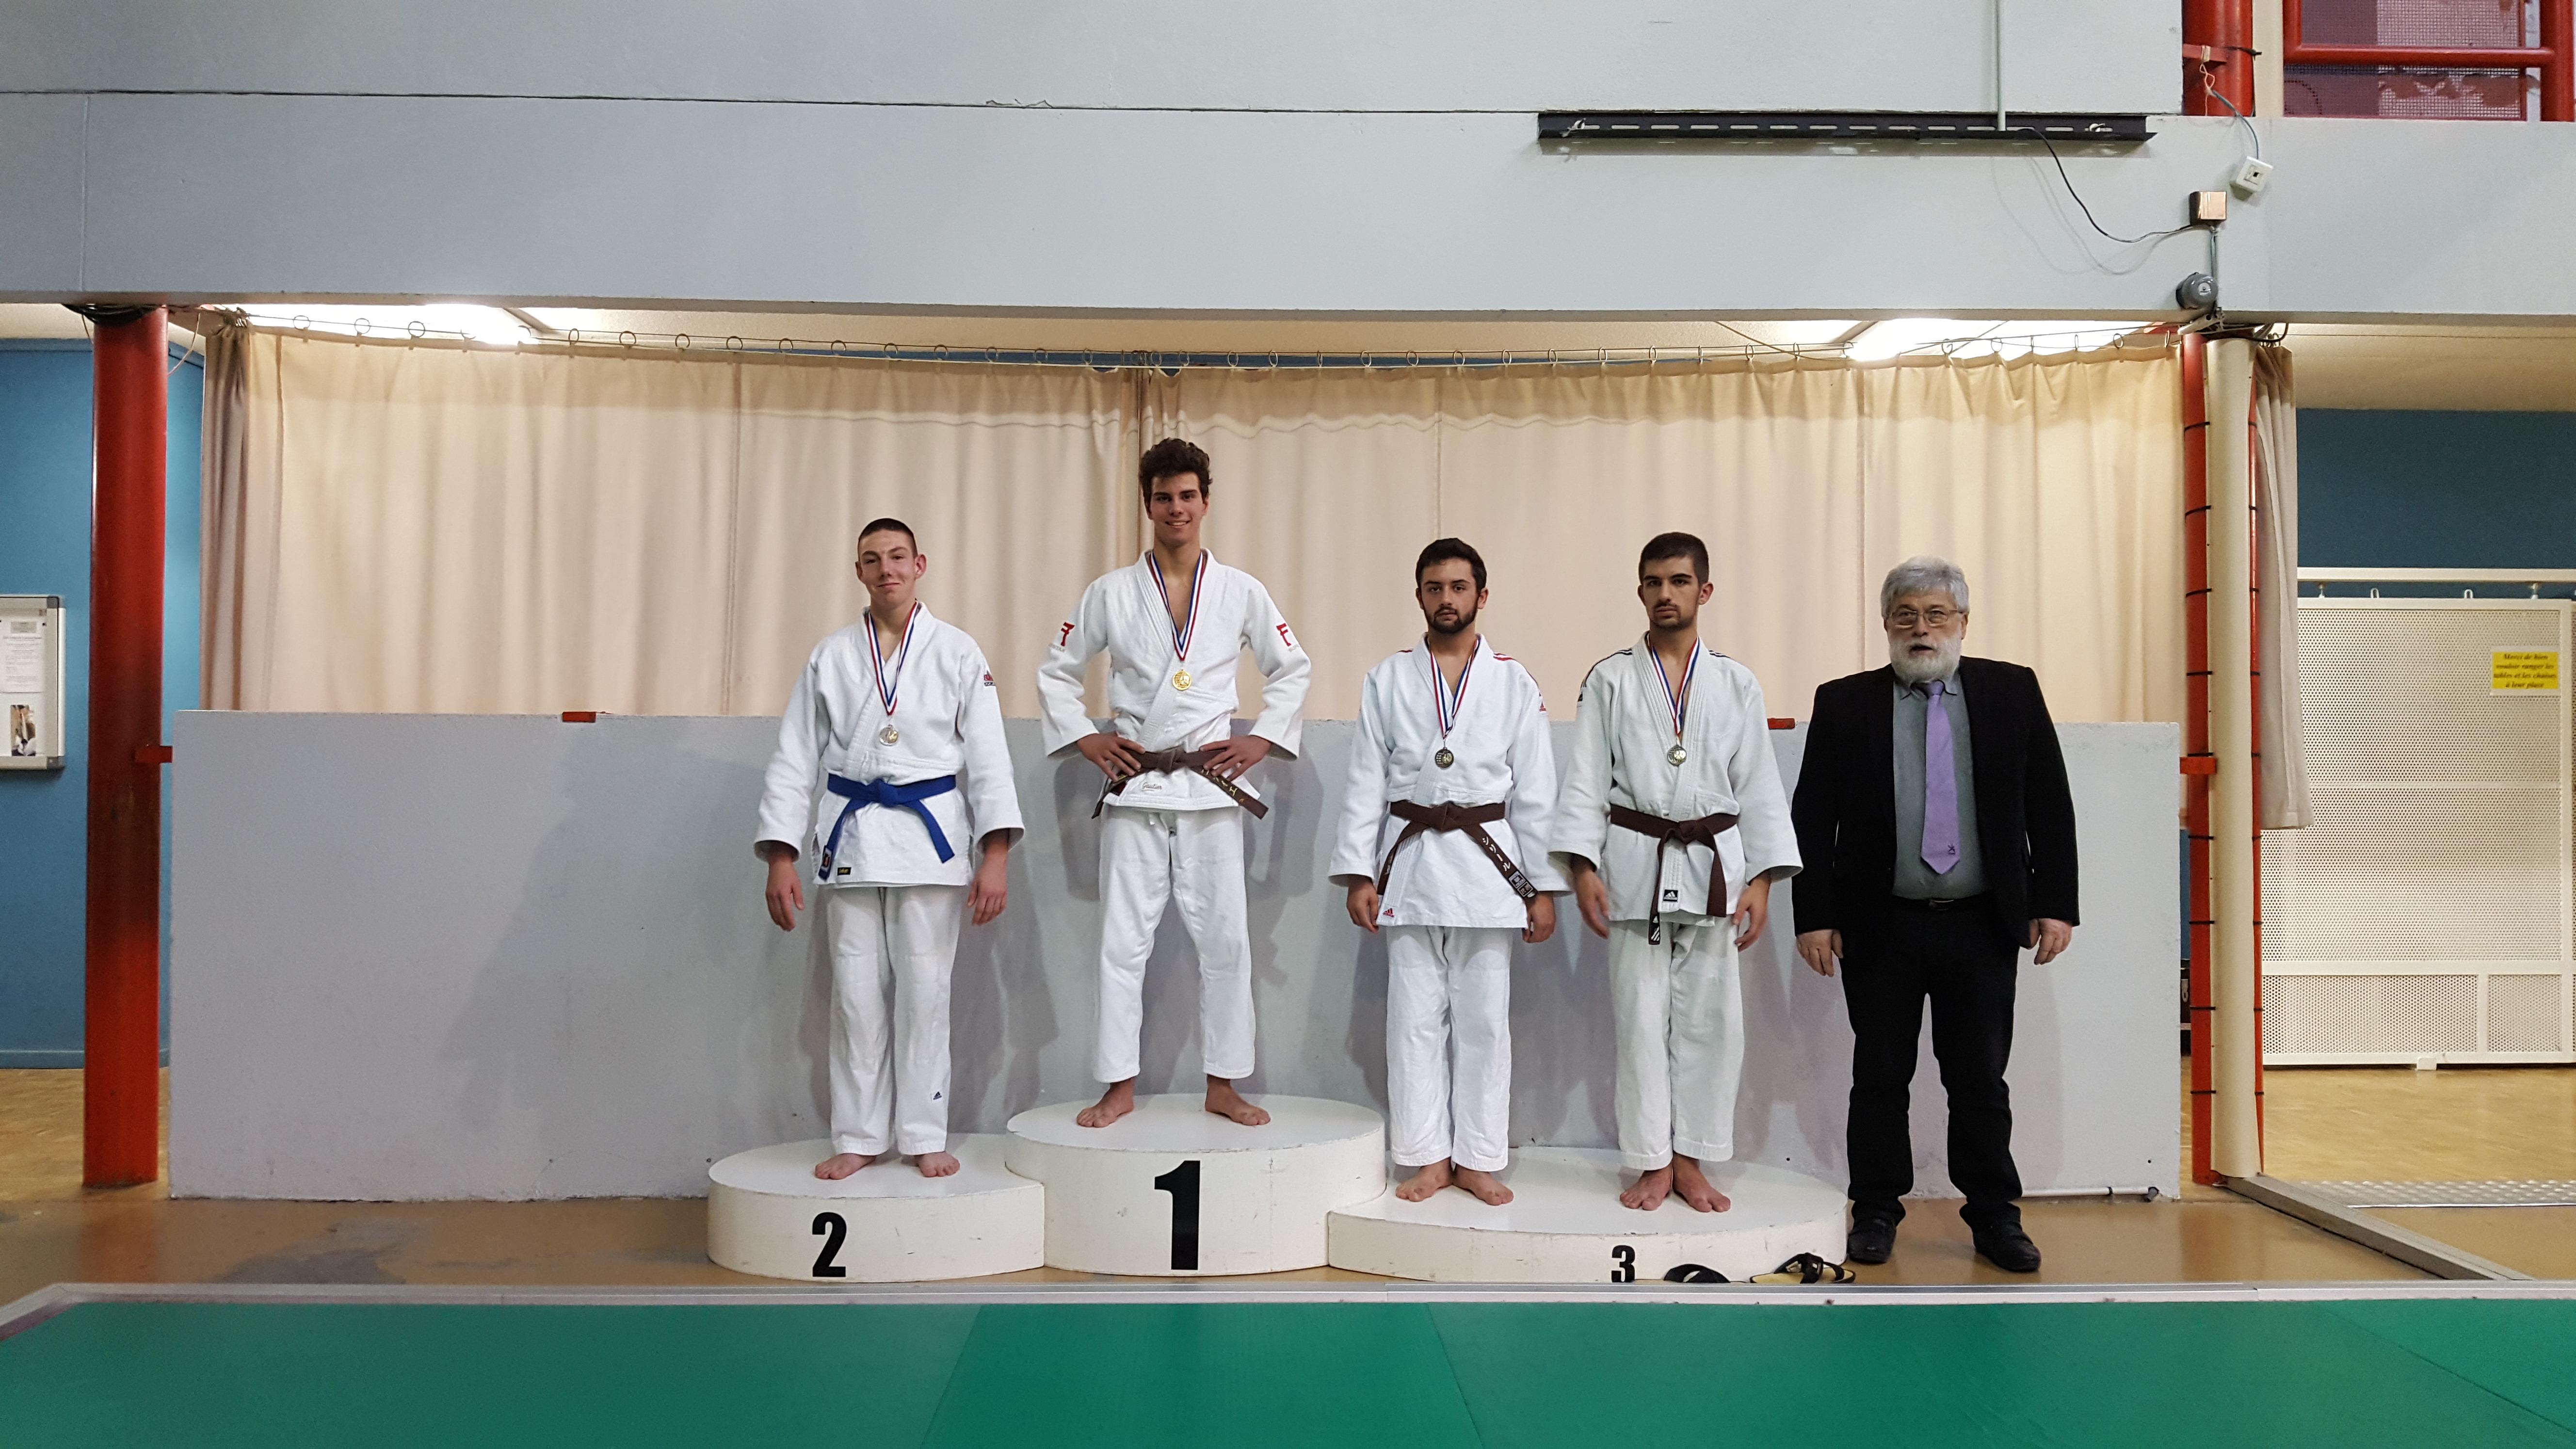 dessins attrayants design intemporel la réputation d'abord Compétition Judo Toulouse critérium couleur Cadets & Séniors ...